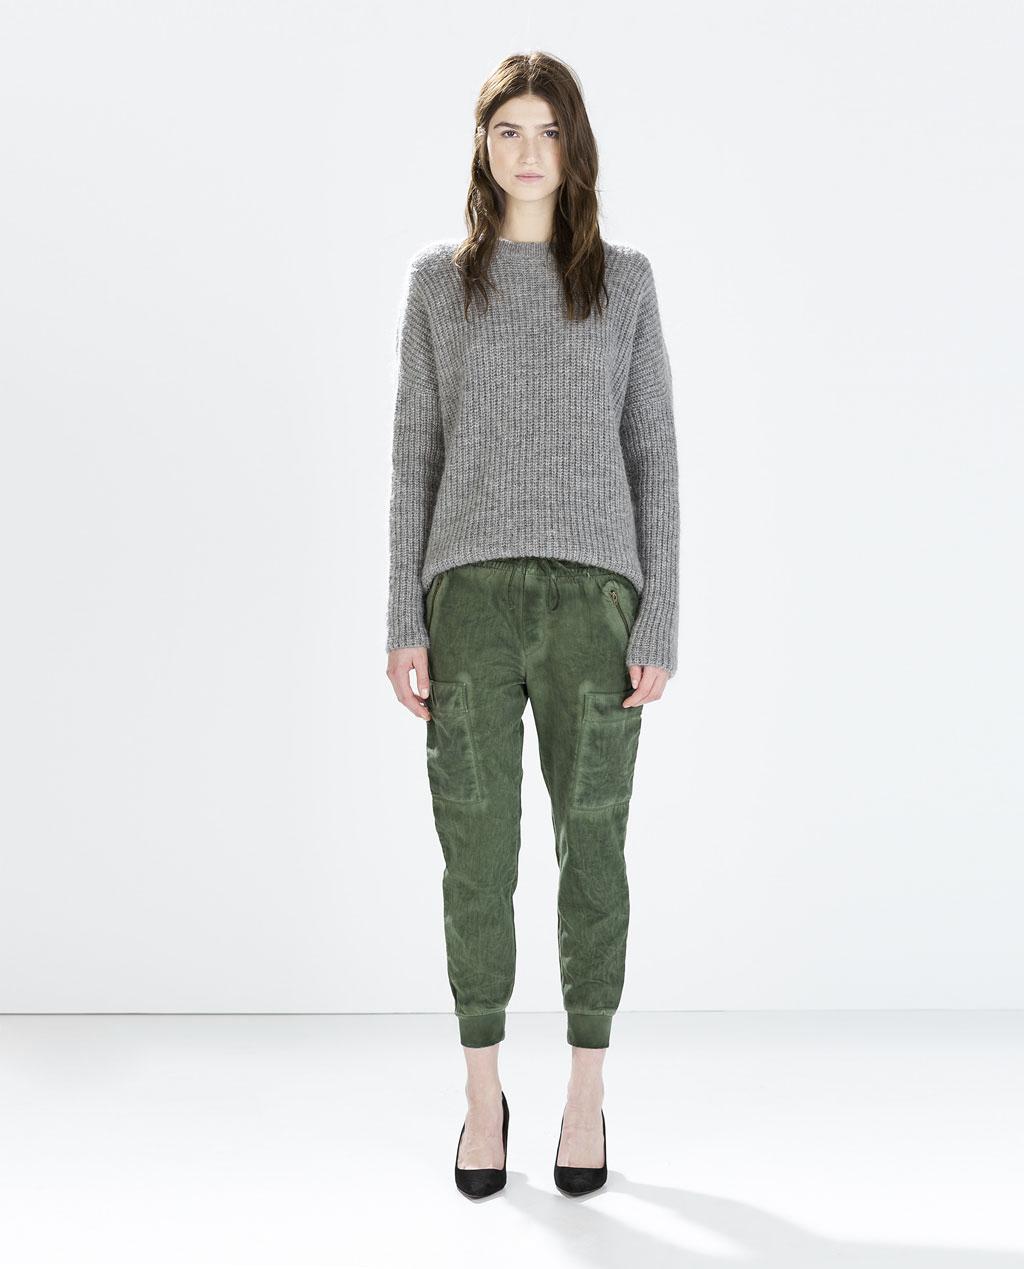 5321efd35dbce Look Zara   pantalon jogging battle kaki + pull gris en grosse maille +  escarpins pour un look army, décontracté et chic.